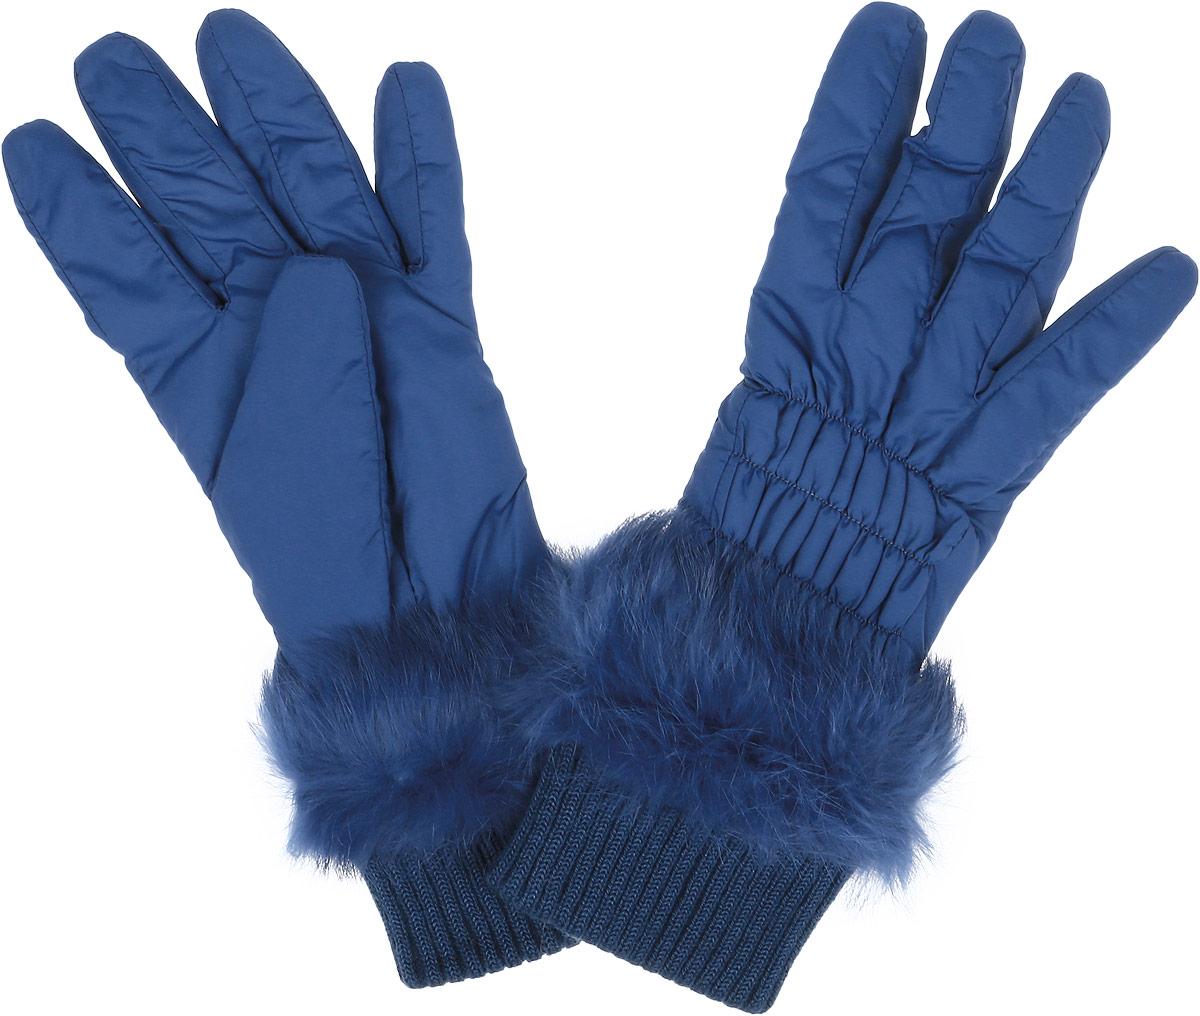 Перчатки27.4-11 blueЖенские перчатки Fabretti не только защитят ваши руки от холода, но и станут незаменимым аксессуаром. Модель изготовлена из высококачественного нейлона, а подкладка перчаток выполнена из теплого полиэстера. Модель украшена натуральным мехом. Манжеты изделия выполнены из трикотажной резинки. Лицевая сторона дополнена отстрочкой с эластичной резинкой. Перчатки Fabretti станут завершающим и подчеркивающим элементом вашего стиля.